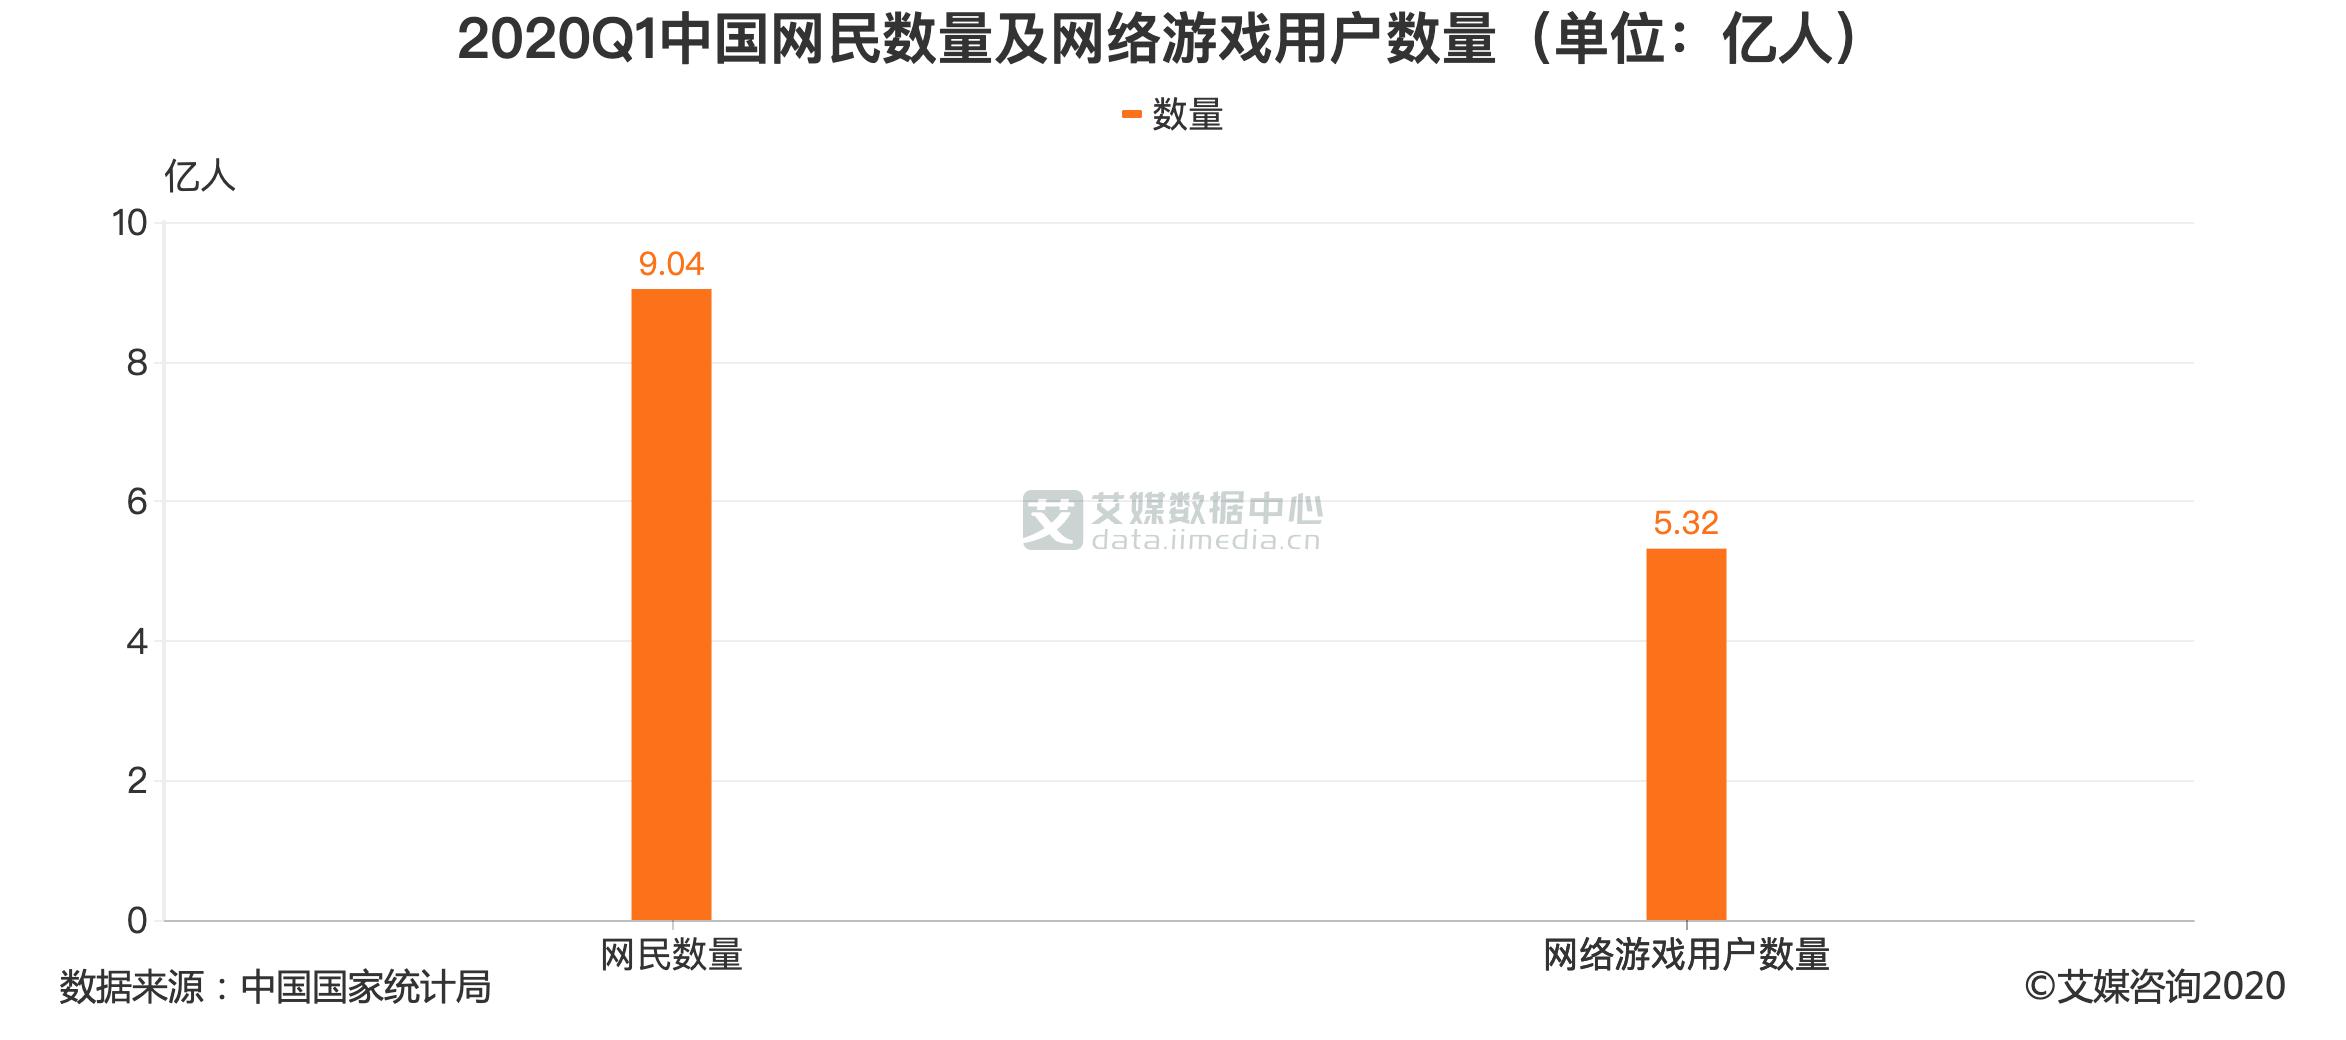 2020Q1中国网民数量及网络游戏用户数量(单位:亿人)